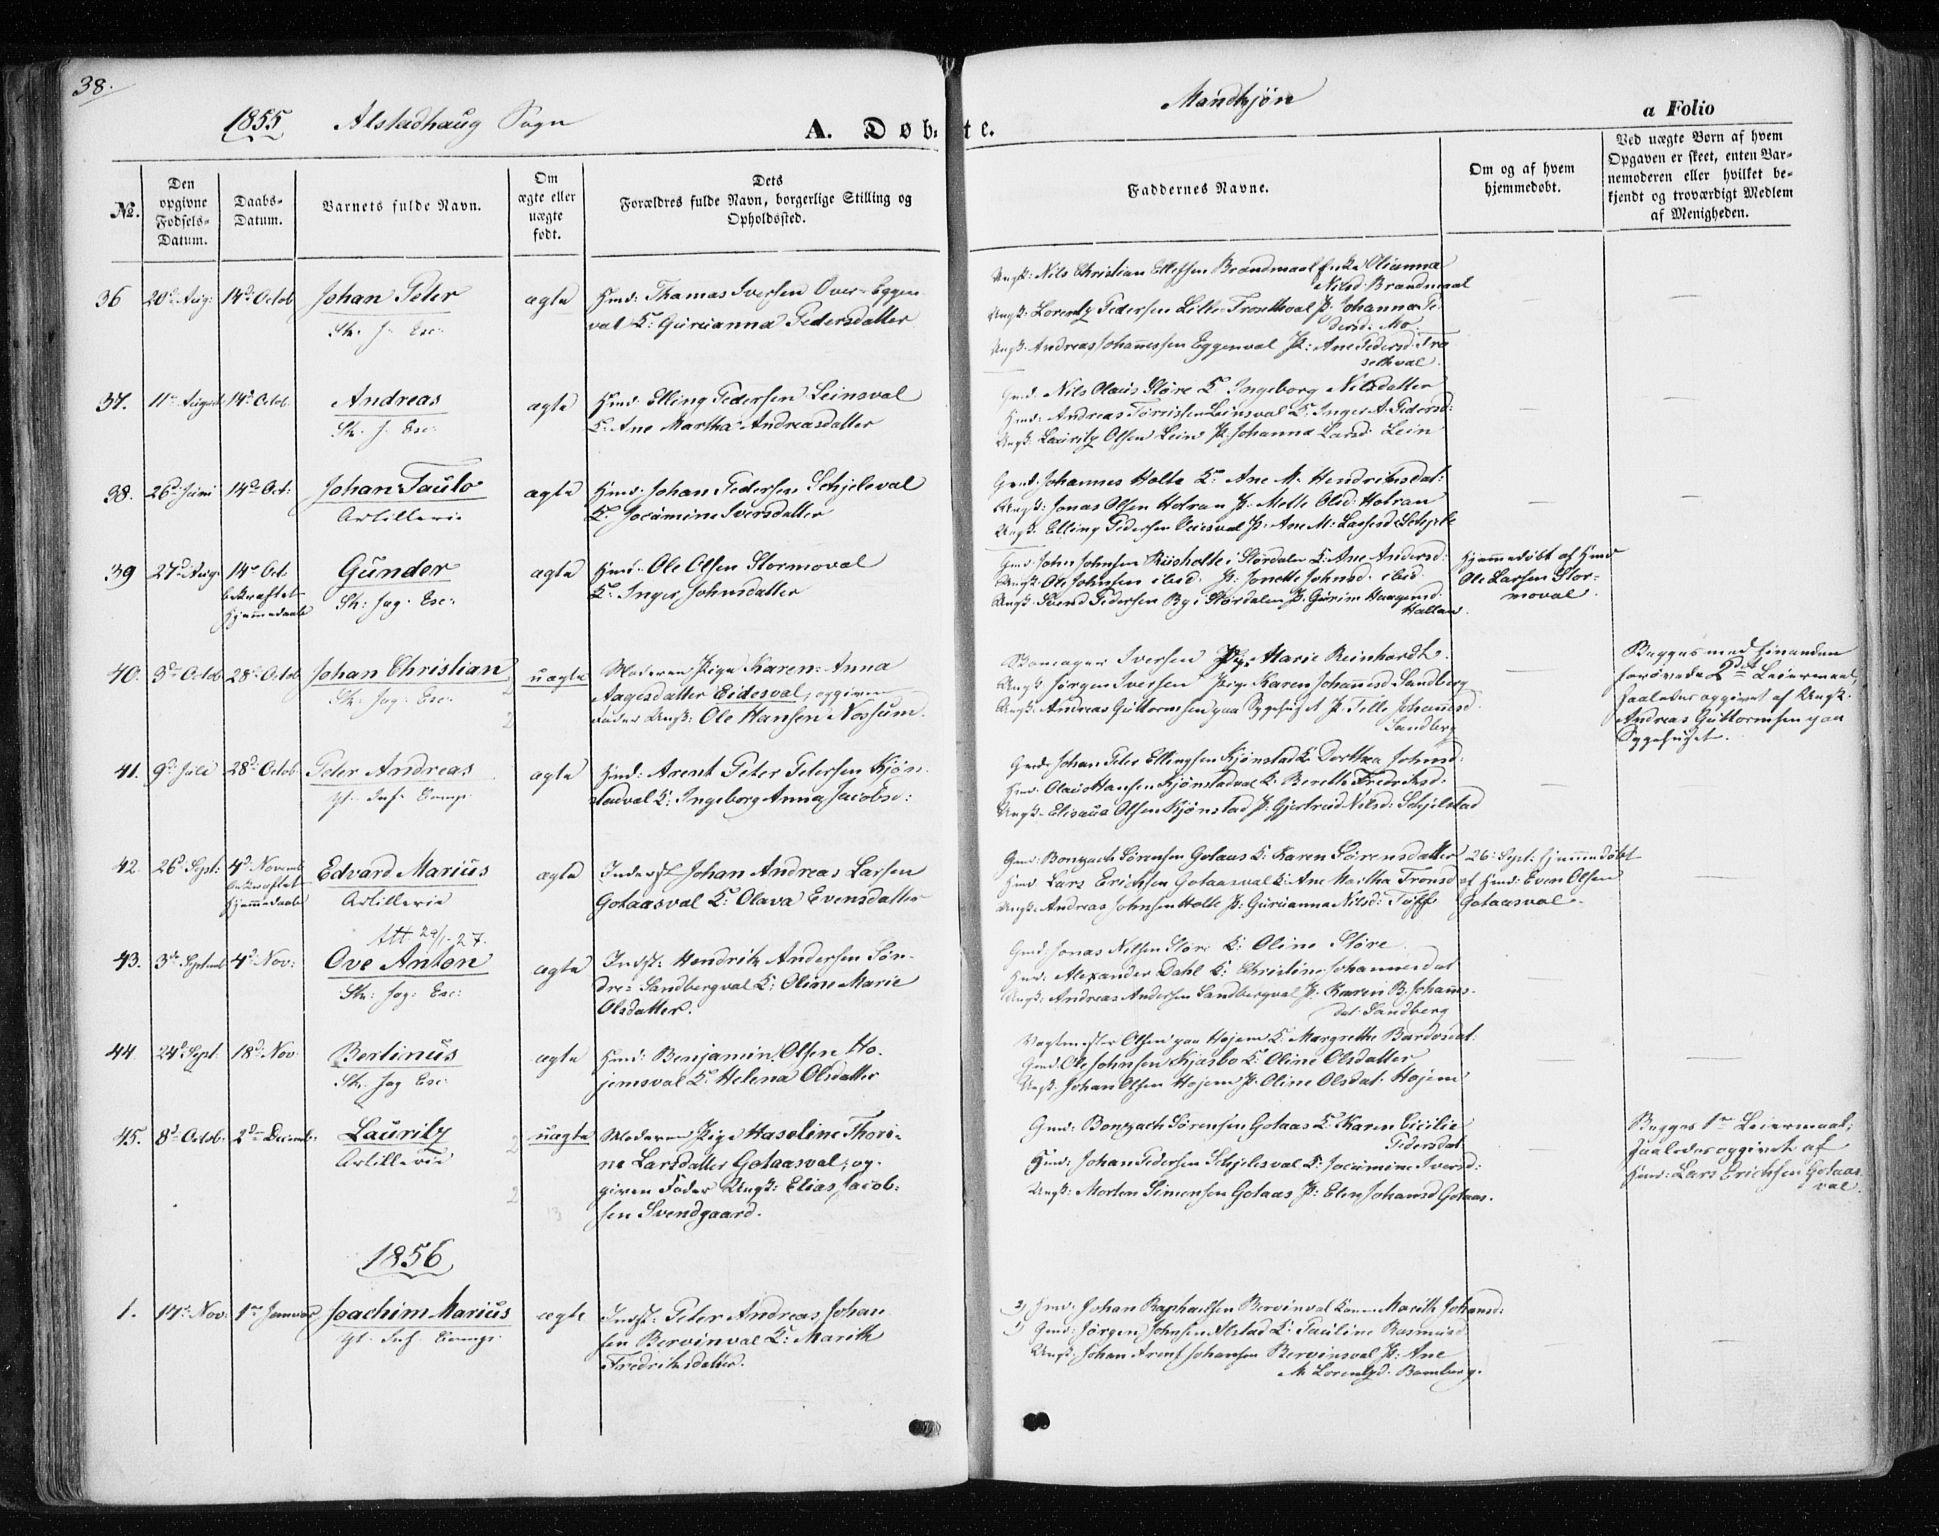 SAT, Ministerialprotokoller, klokkerbøker og fødselsregistre - Nord-Trøndelag, 717/L0154: Ministerialbok nr. 717A07 /1, 1850-1862, s. 38